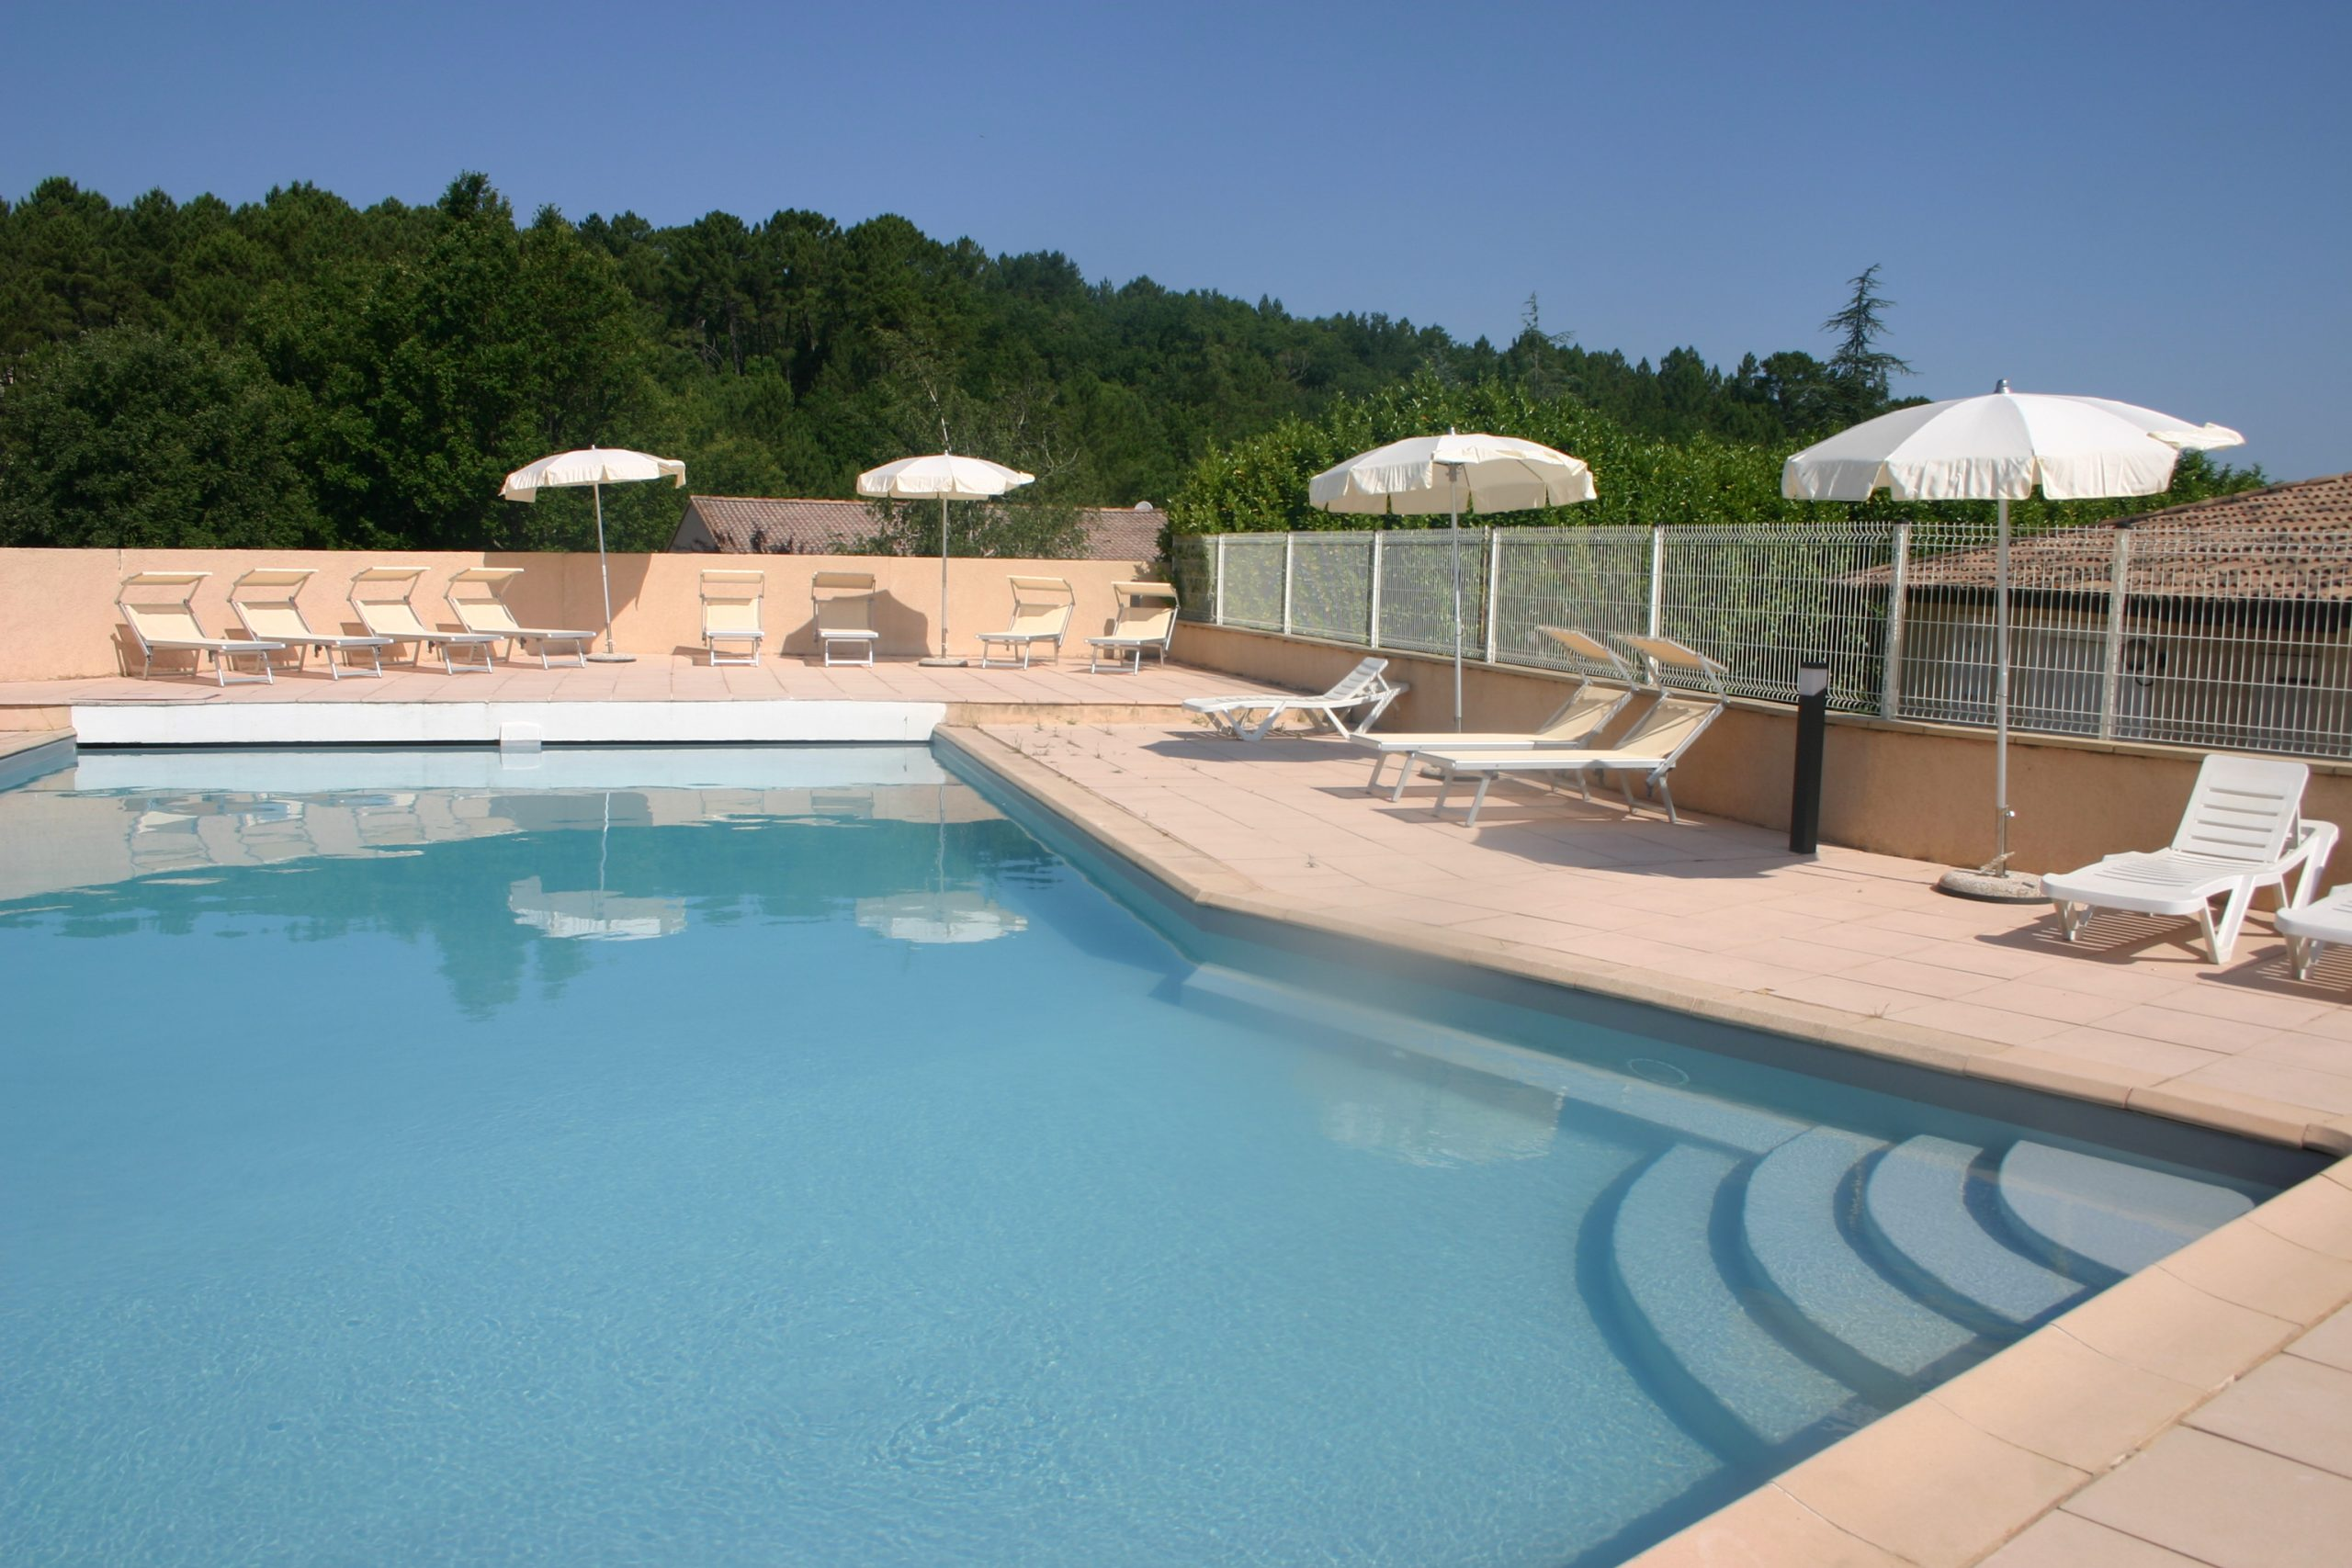 Location Vacances Gîtes Piscine Pont D'arc | Ardèche Gîtes ... encequiconcerne Vacances En Ardèche Avec Piscine